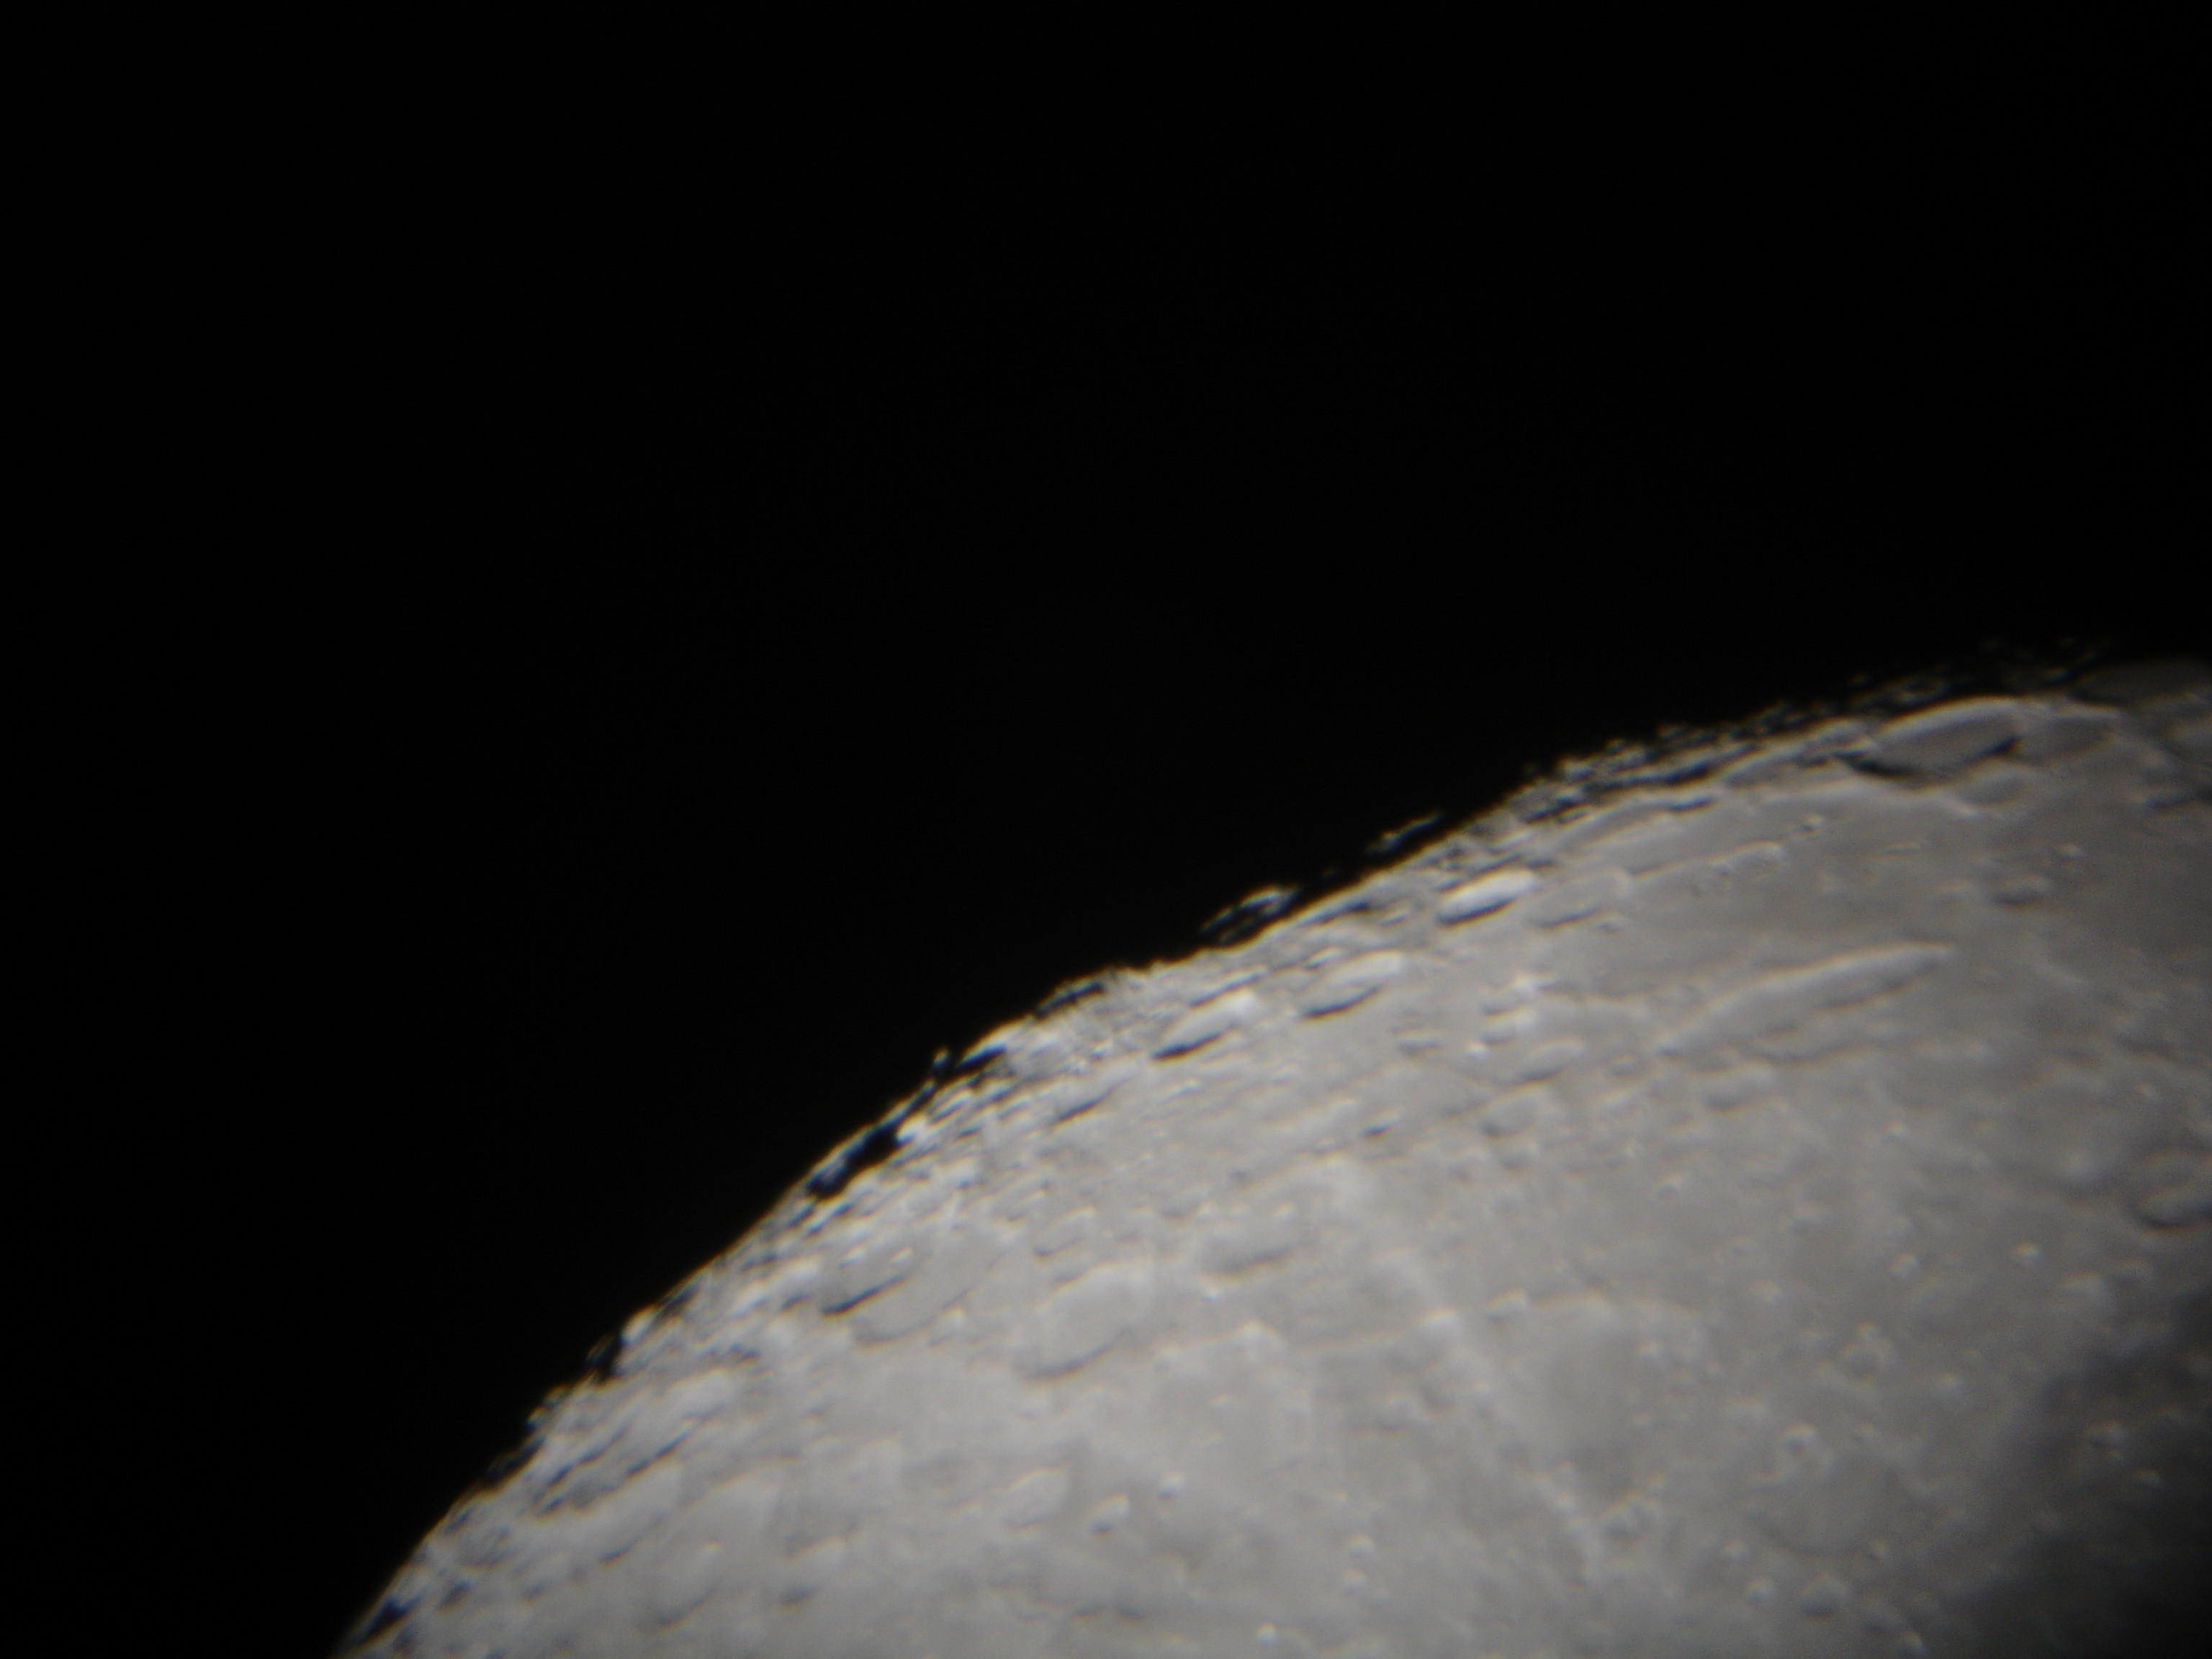 Calendario Lunar Octubre 2013 Más Arriba-a-fecha Sismologa Y astronoma Of Calendario Lunar Octubre 2013 Mejores Y Más Novedosos S Edu Apps Herokuapp Post Sample Of School